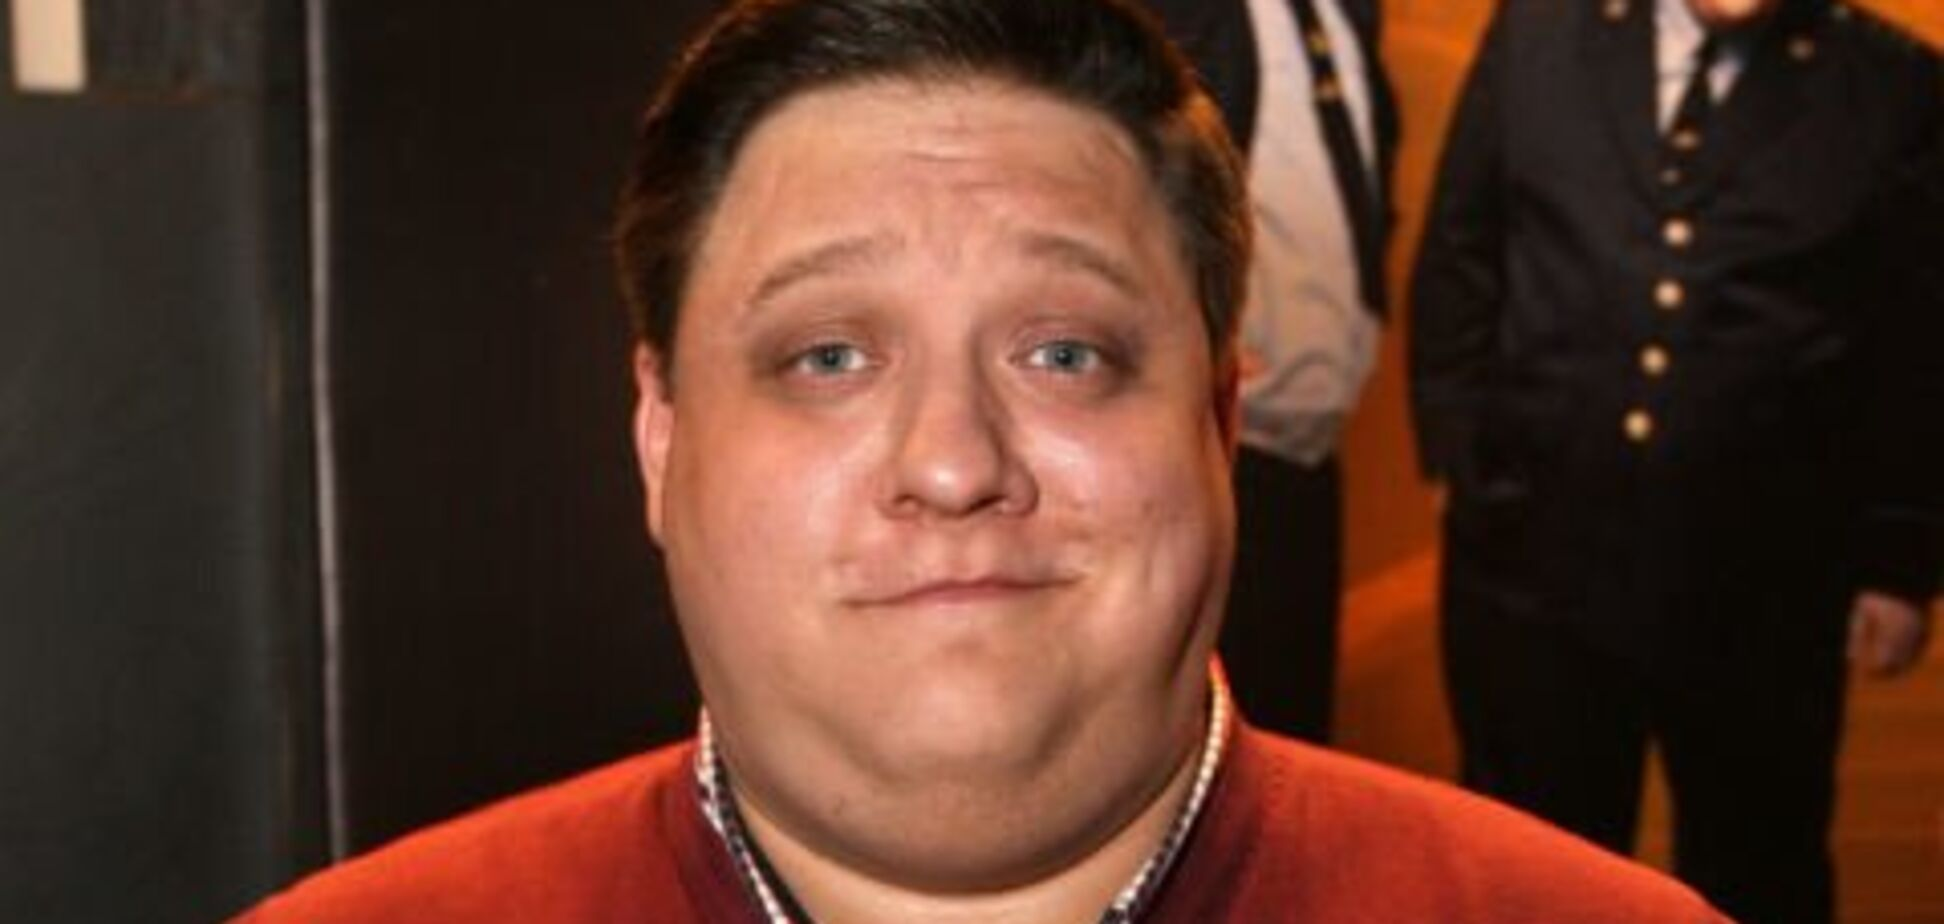 Схуд на 40 кг! Зірка 'Поліцейського з Рубльовки' скинув вагу і захопив мережу